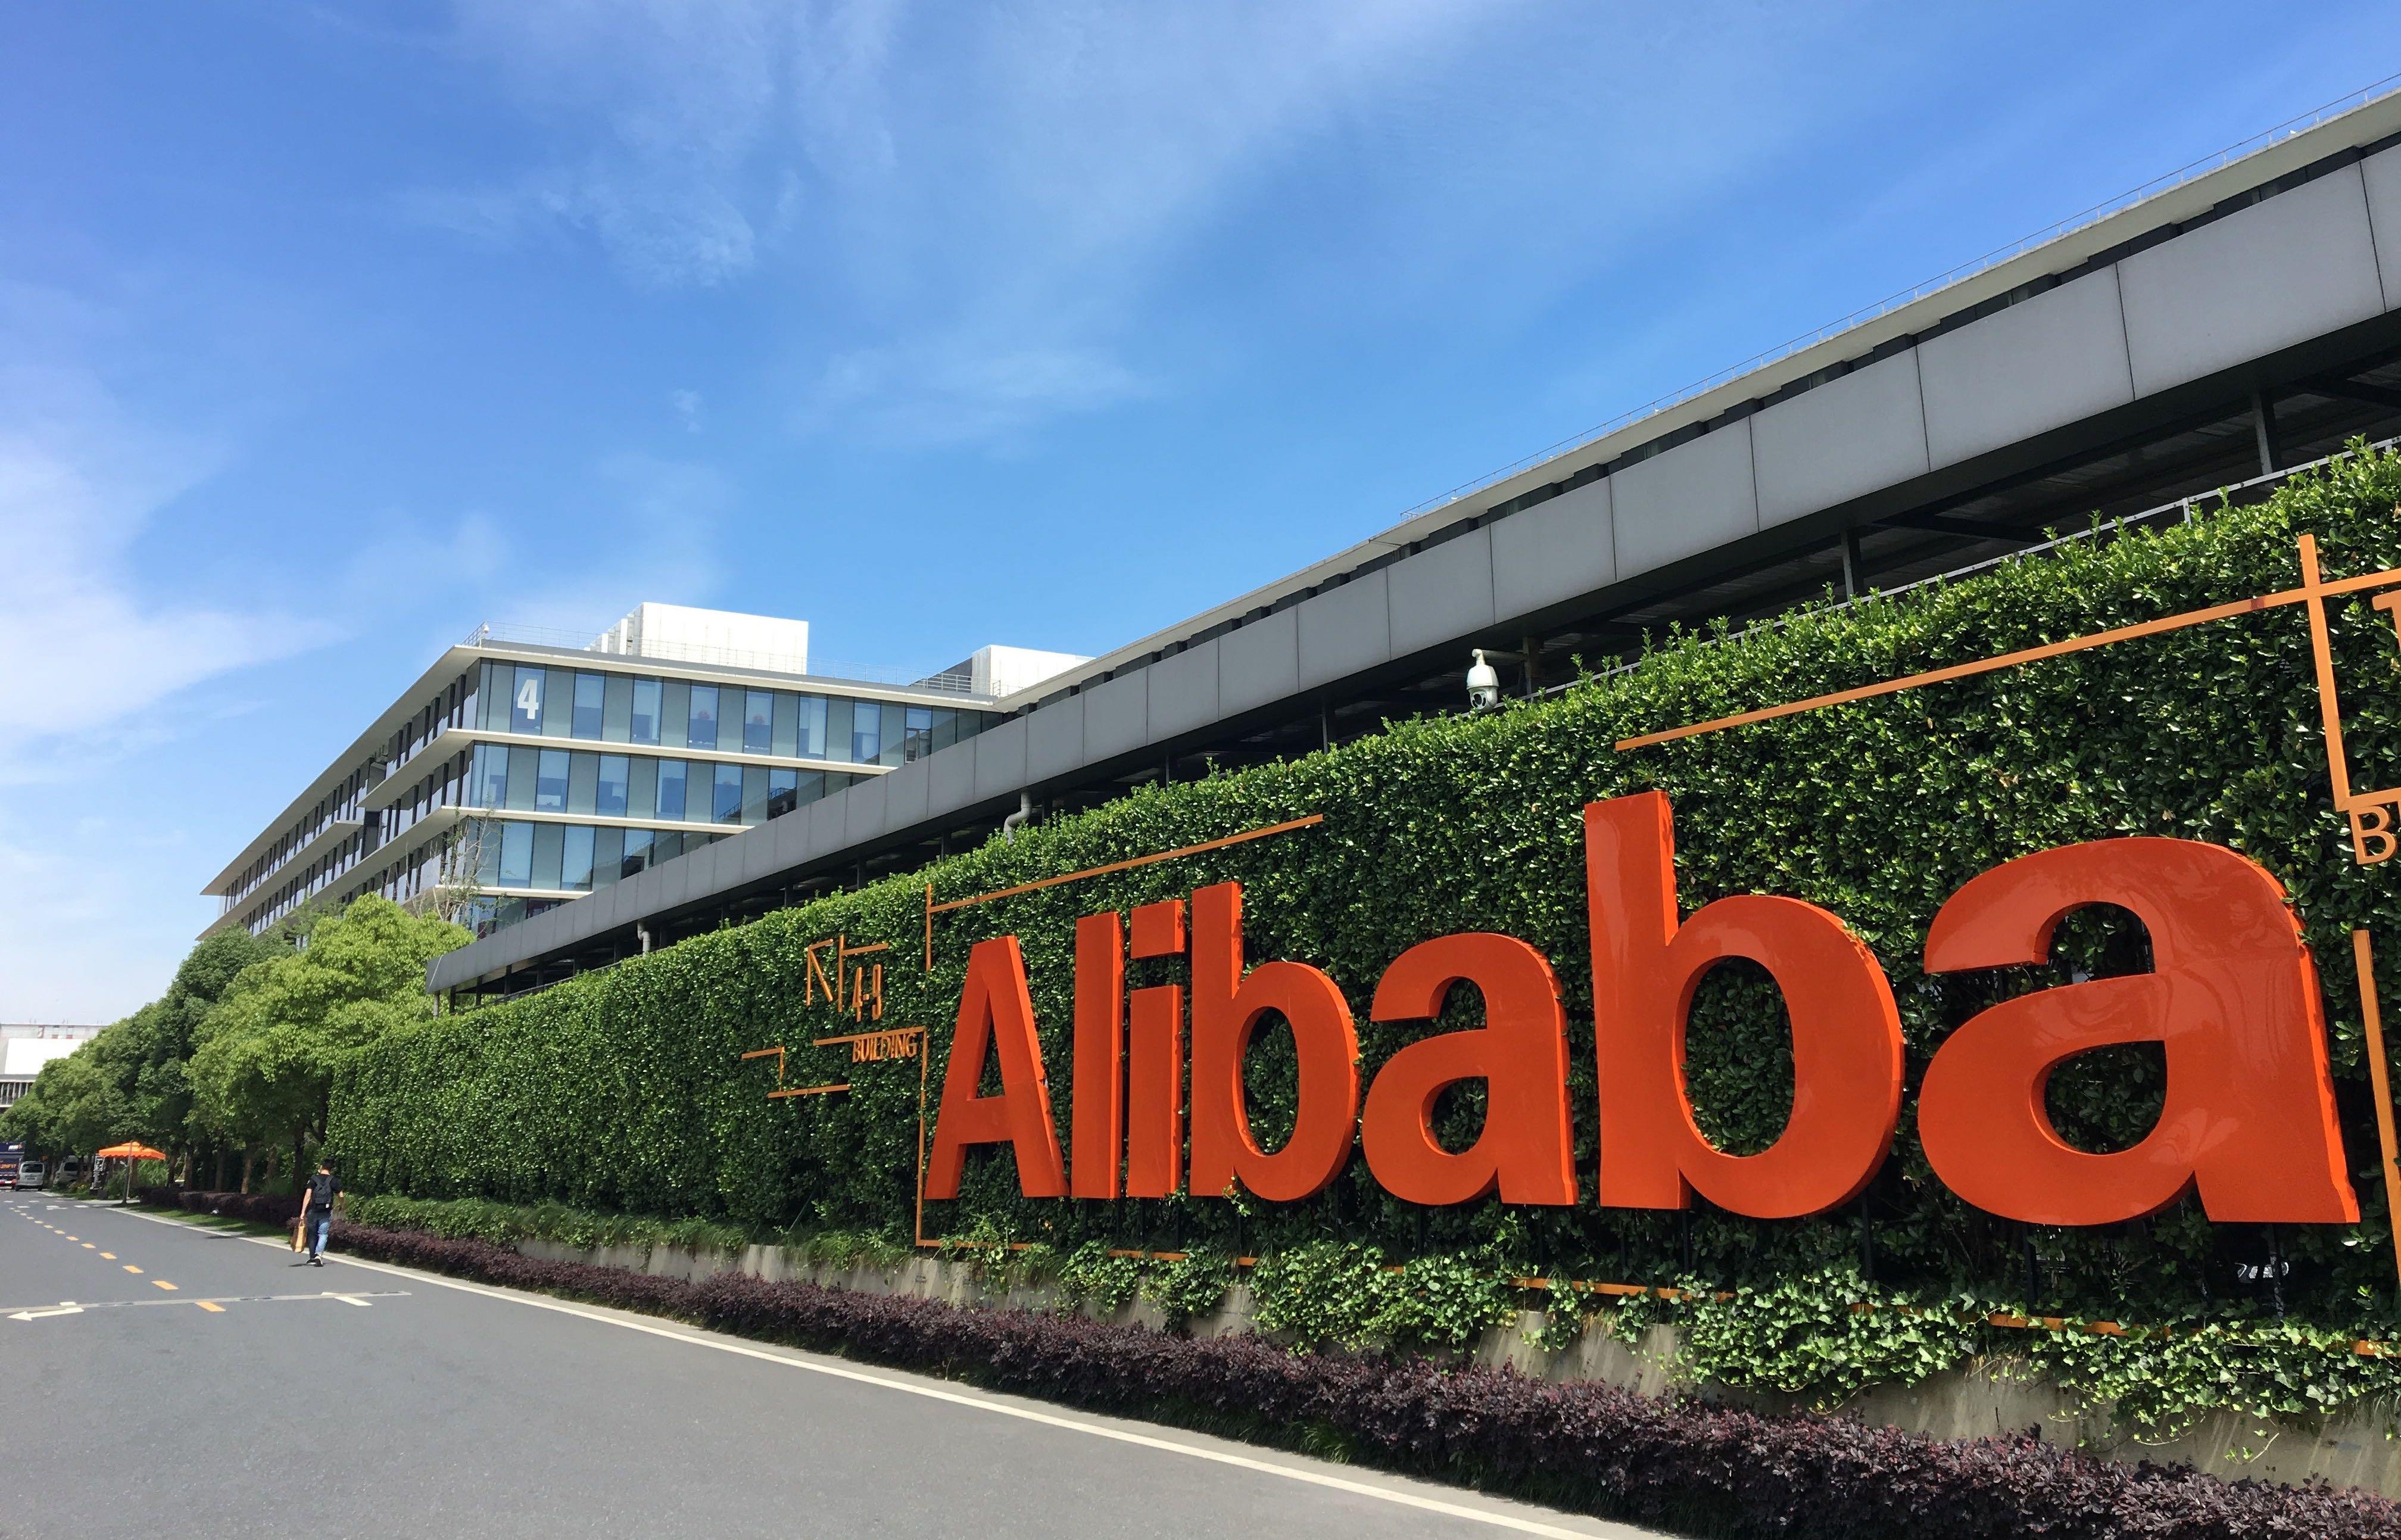 รัฐบาลจีนสั่งปรับ Alibaba ข้อหาผูกขาดอีคอมเมิร์ซ 1.8 หมื่นล้านหยวน บริษัทบอกน้อมรับ